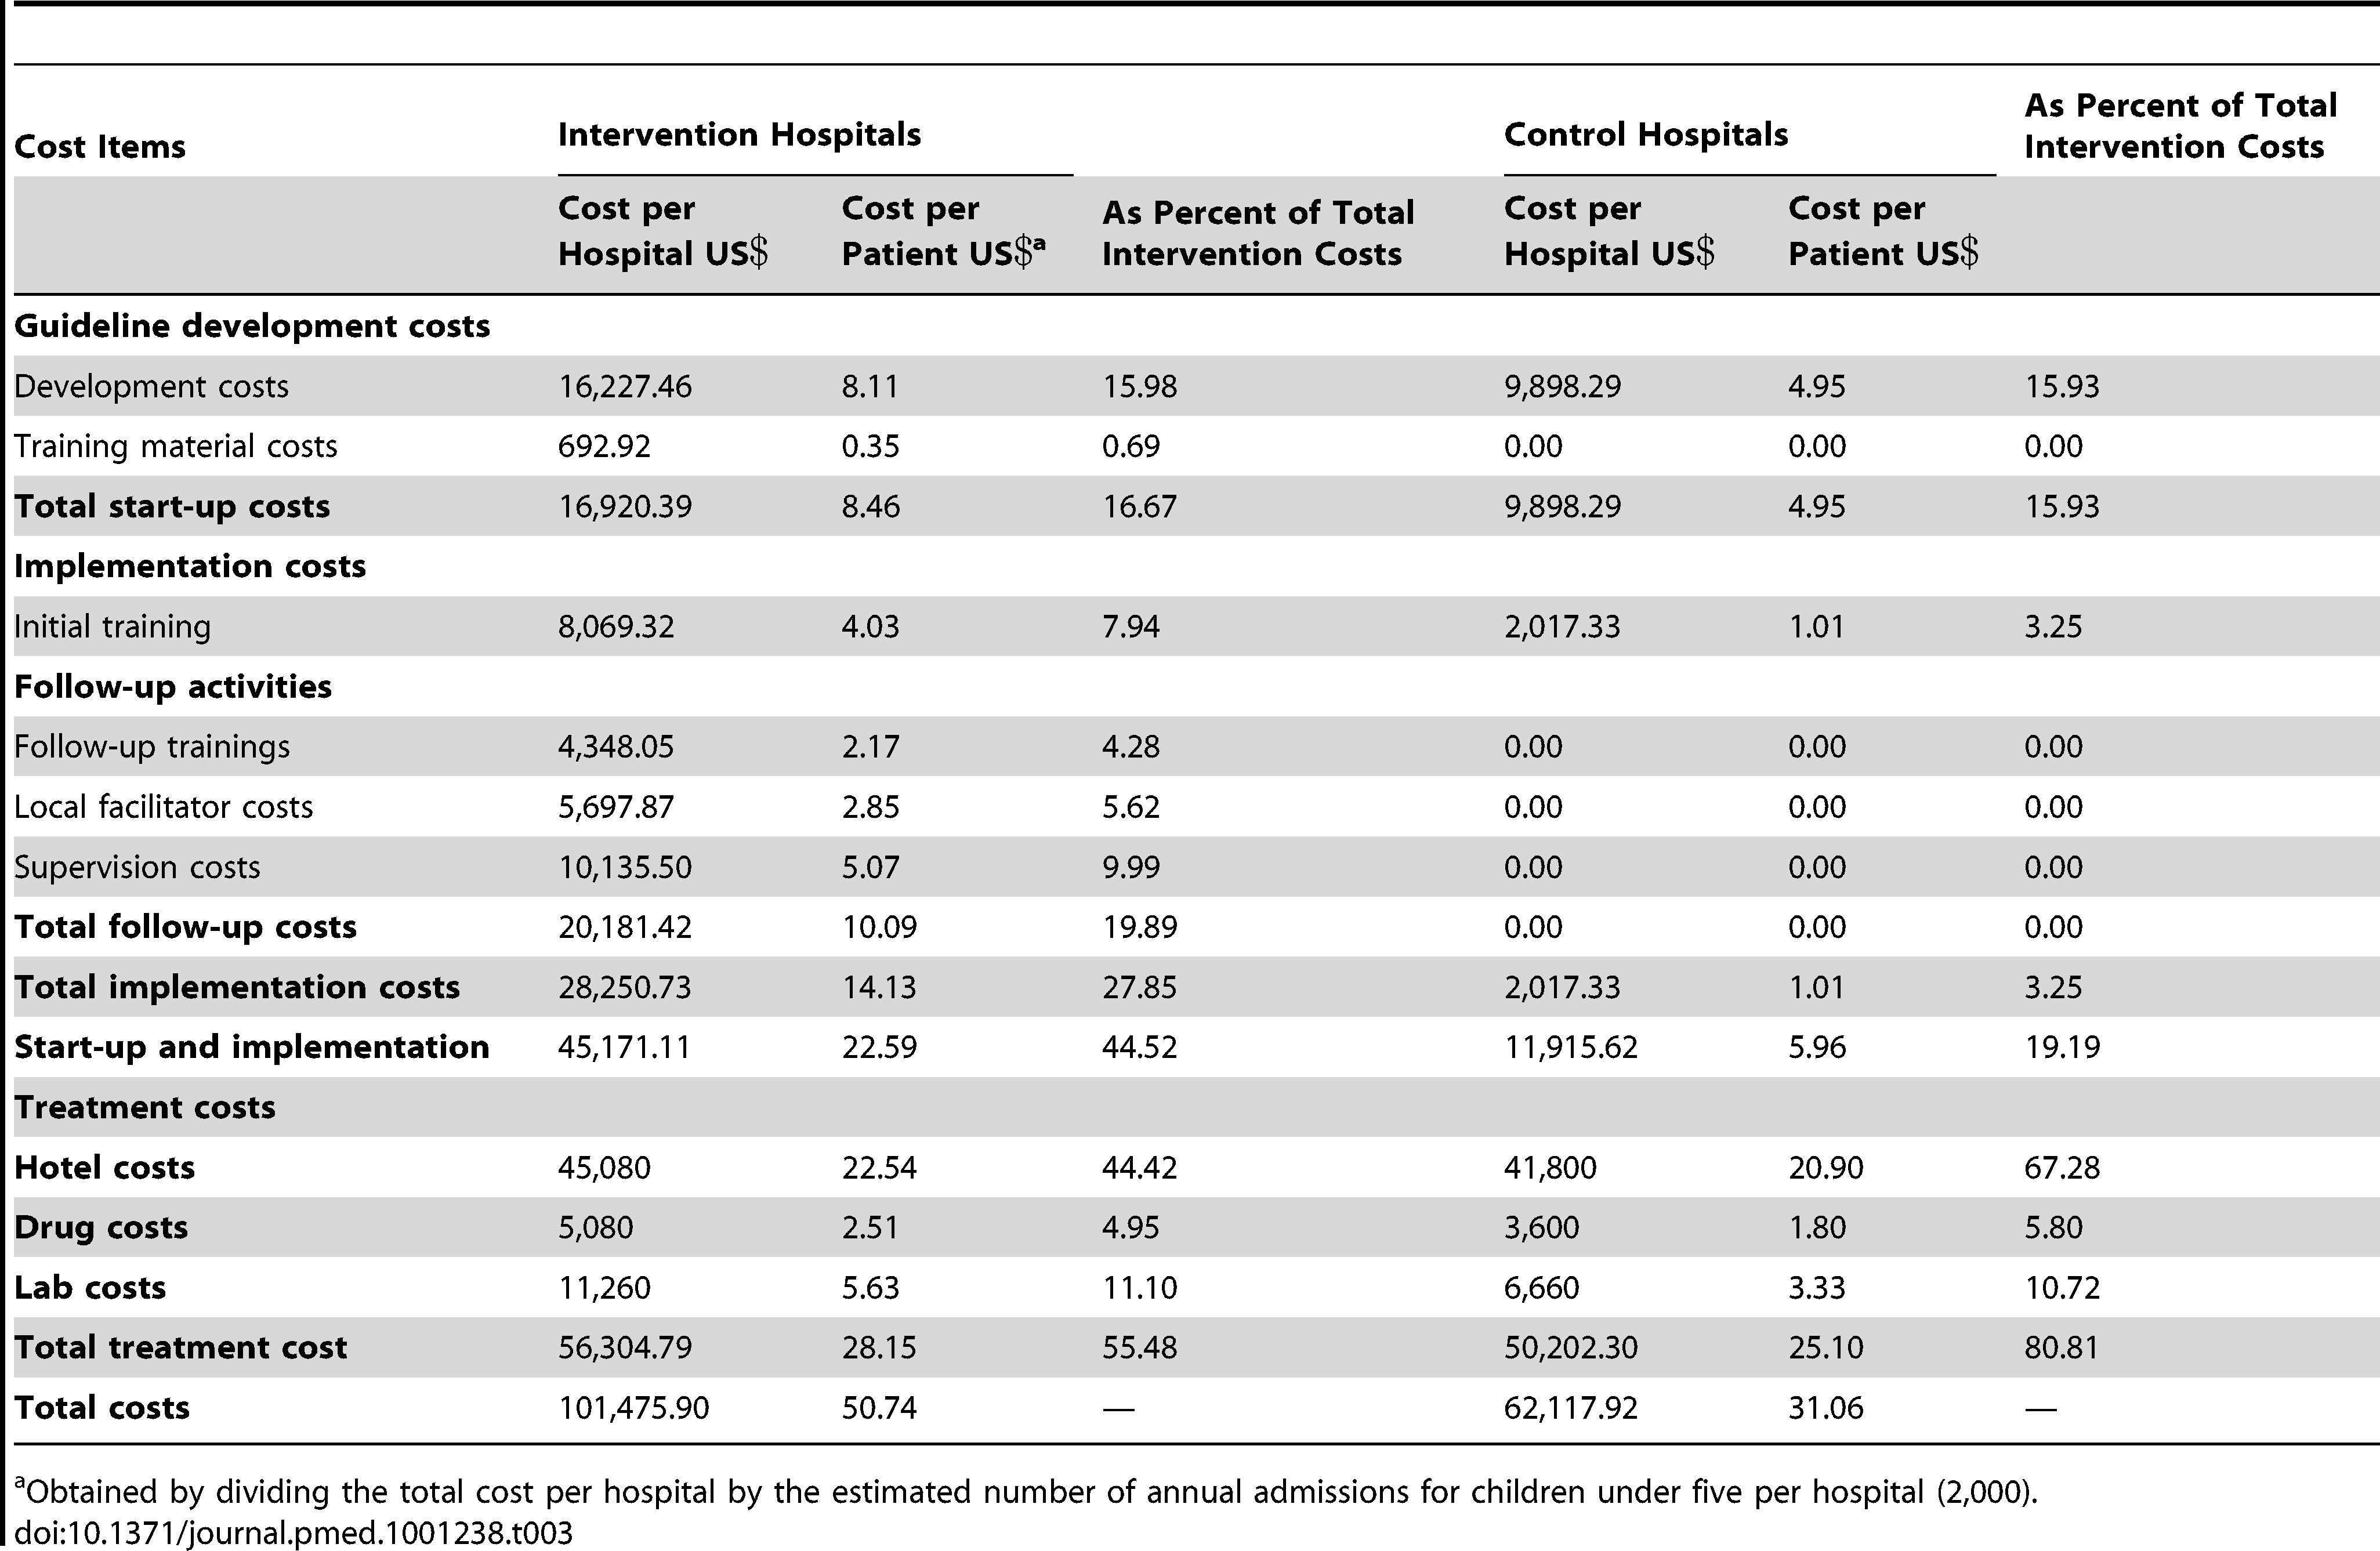 Summary of intervention costs.